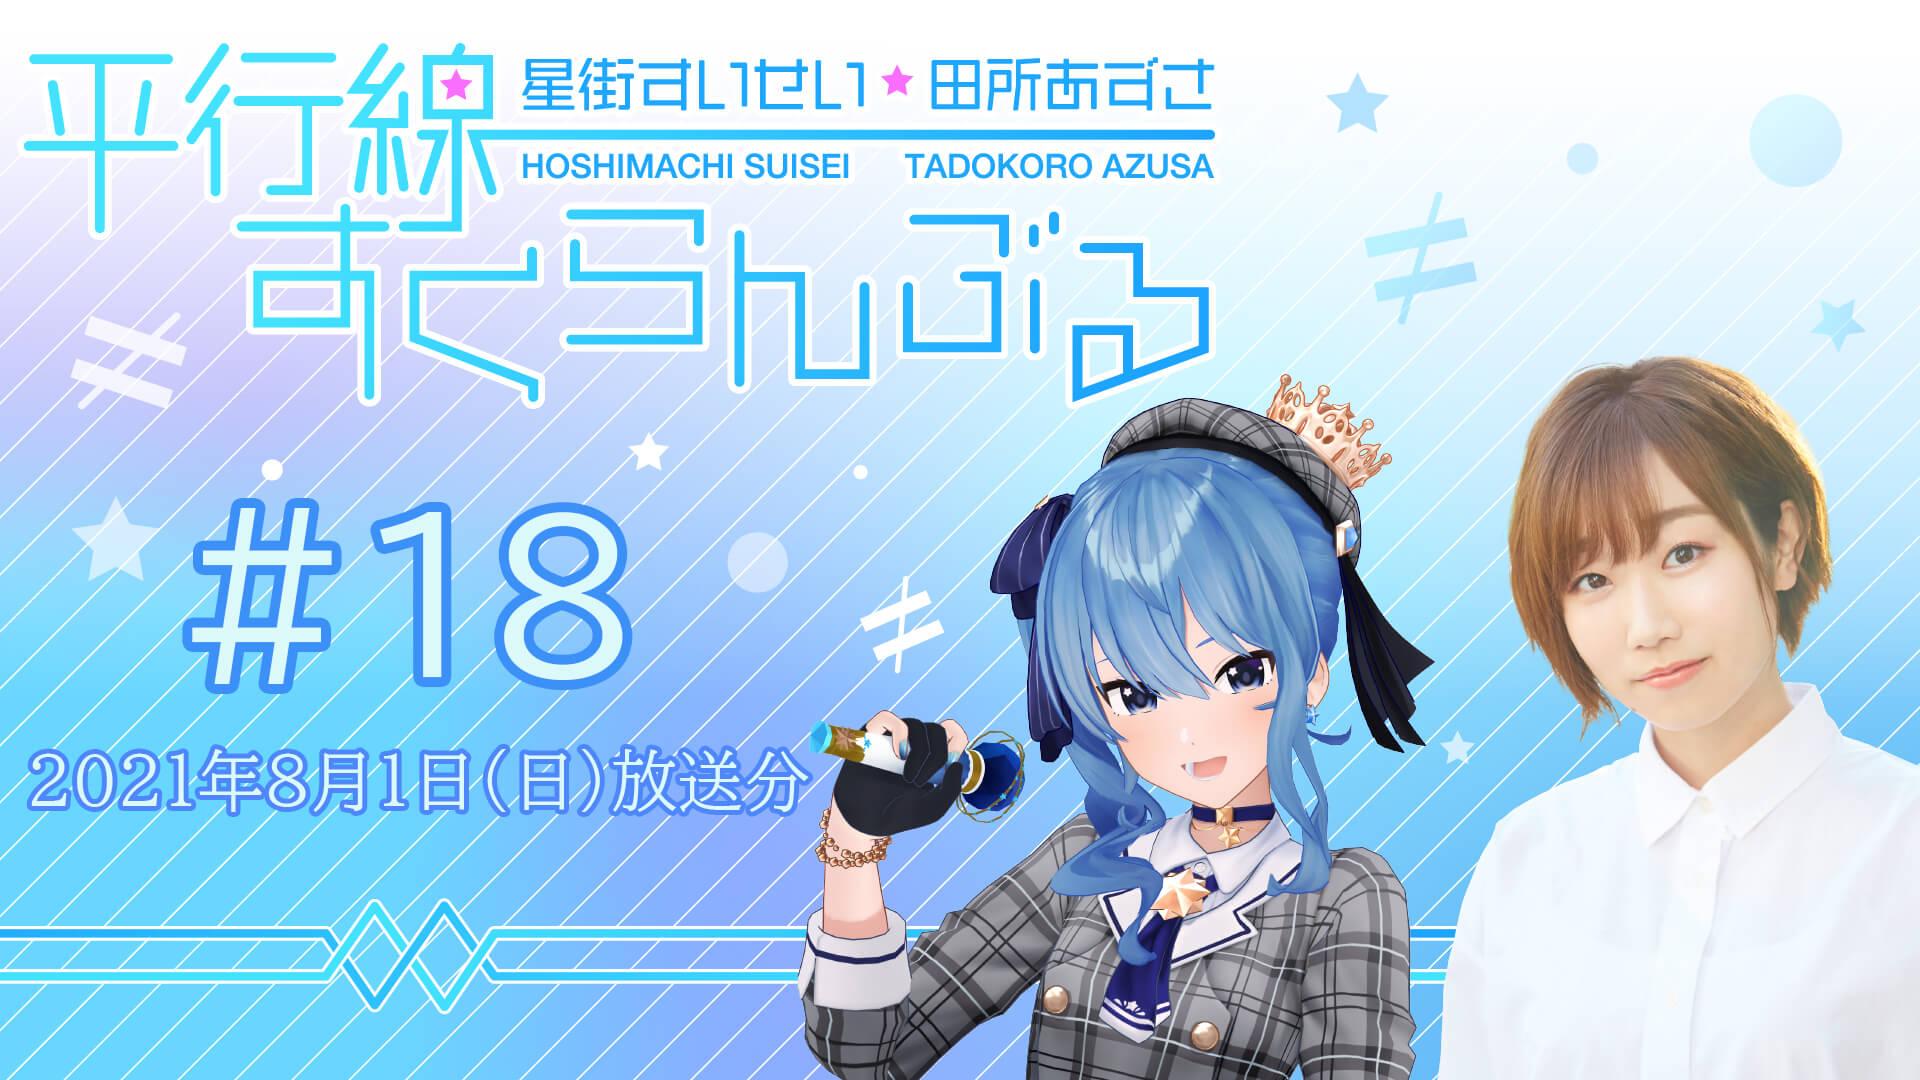 #18『星街すいせい・田所あずさ 平行線すくらんぶる』(2021年8月1日放送分)